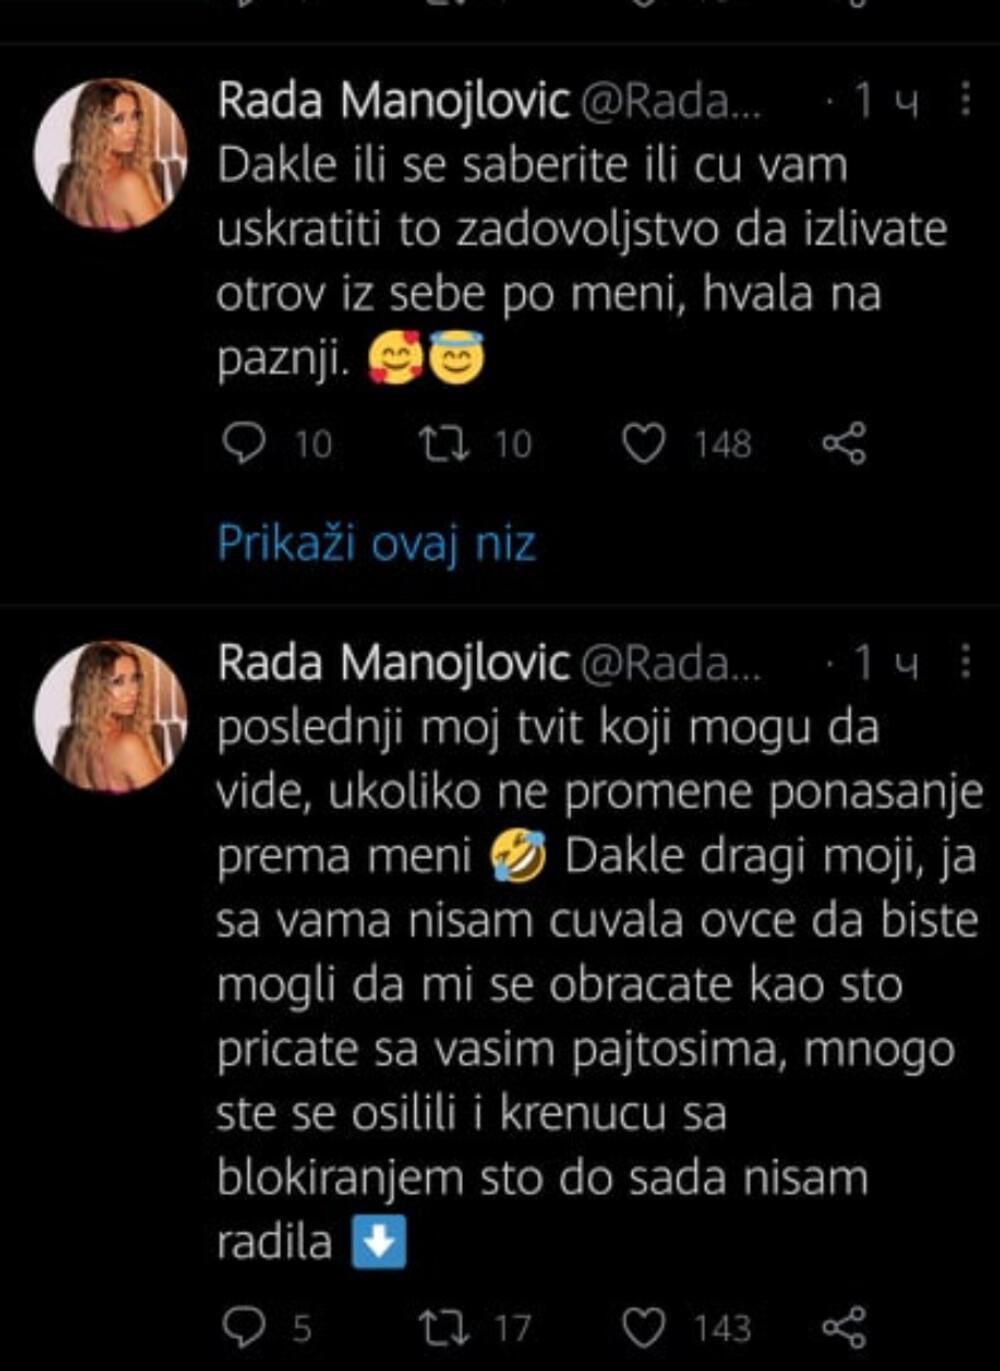 Rada Manojlović